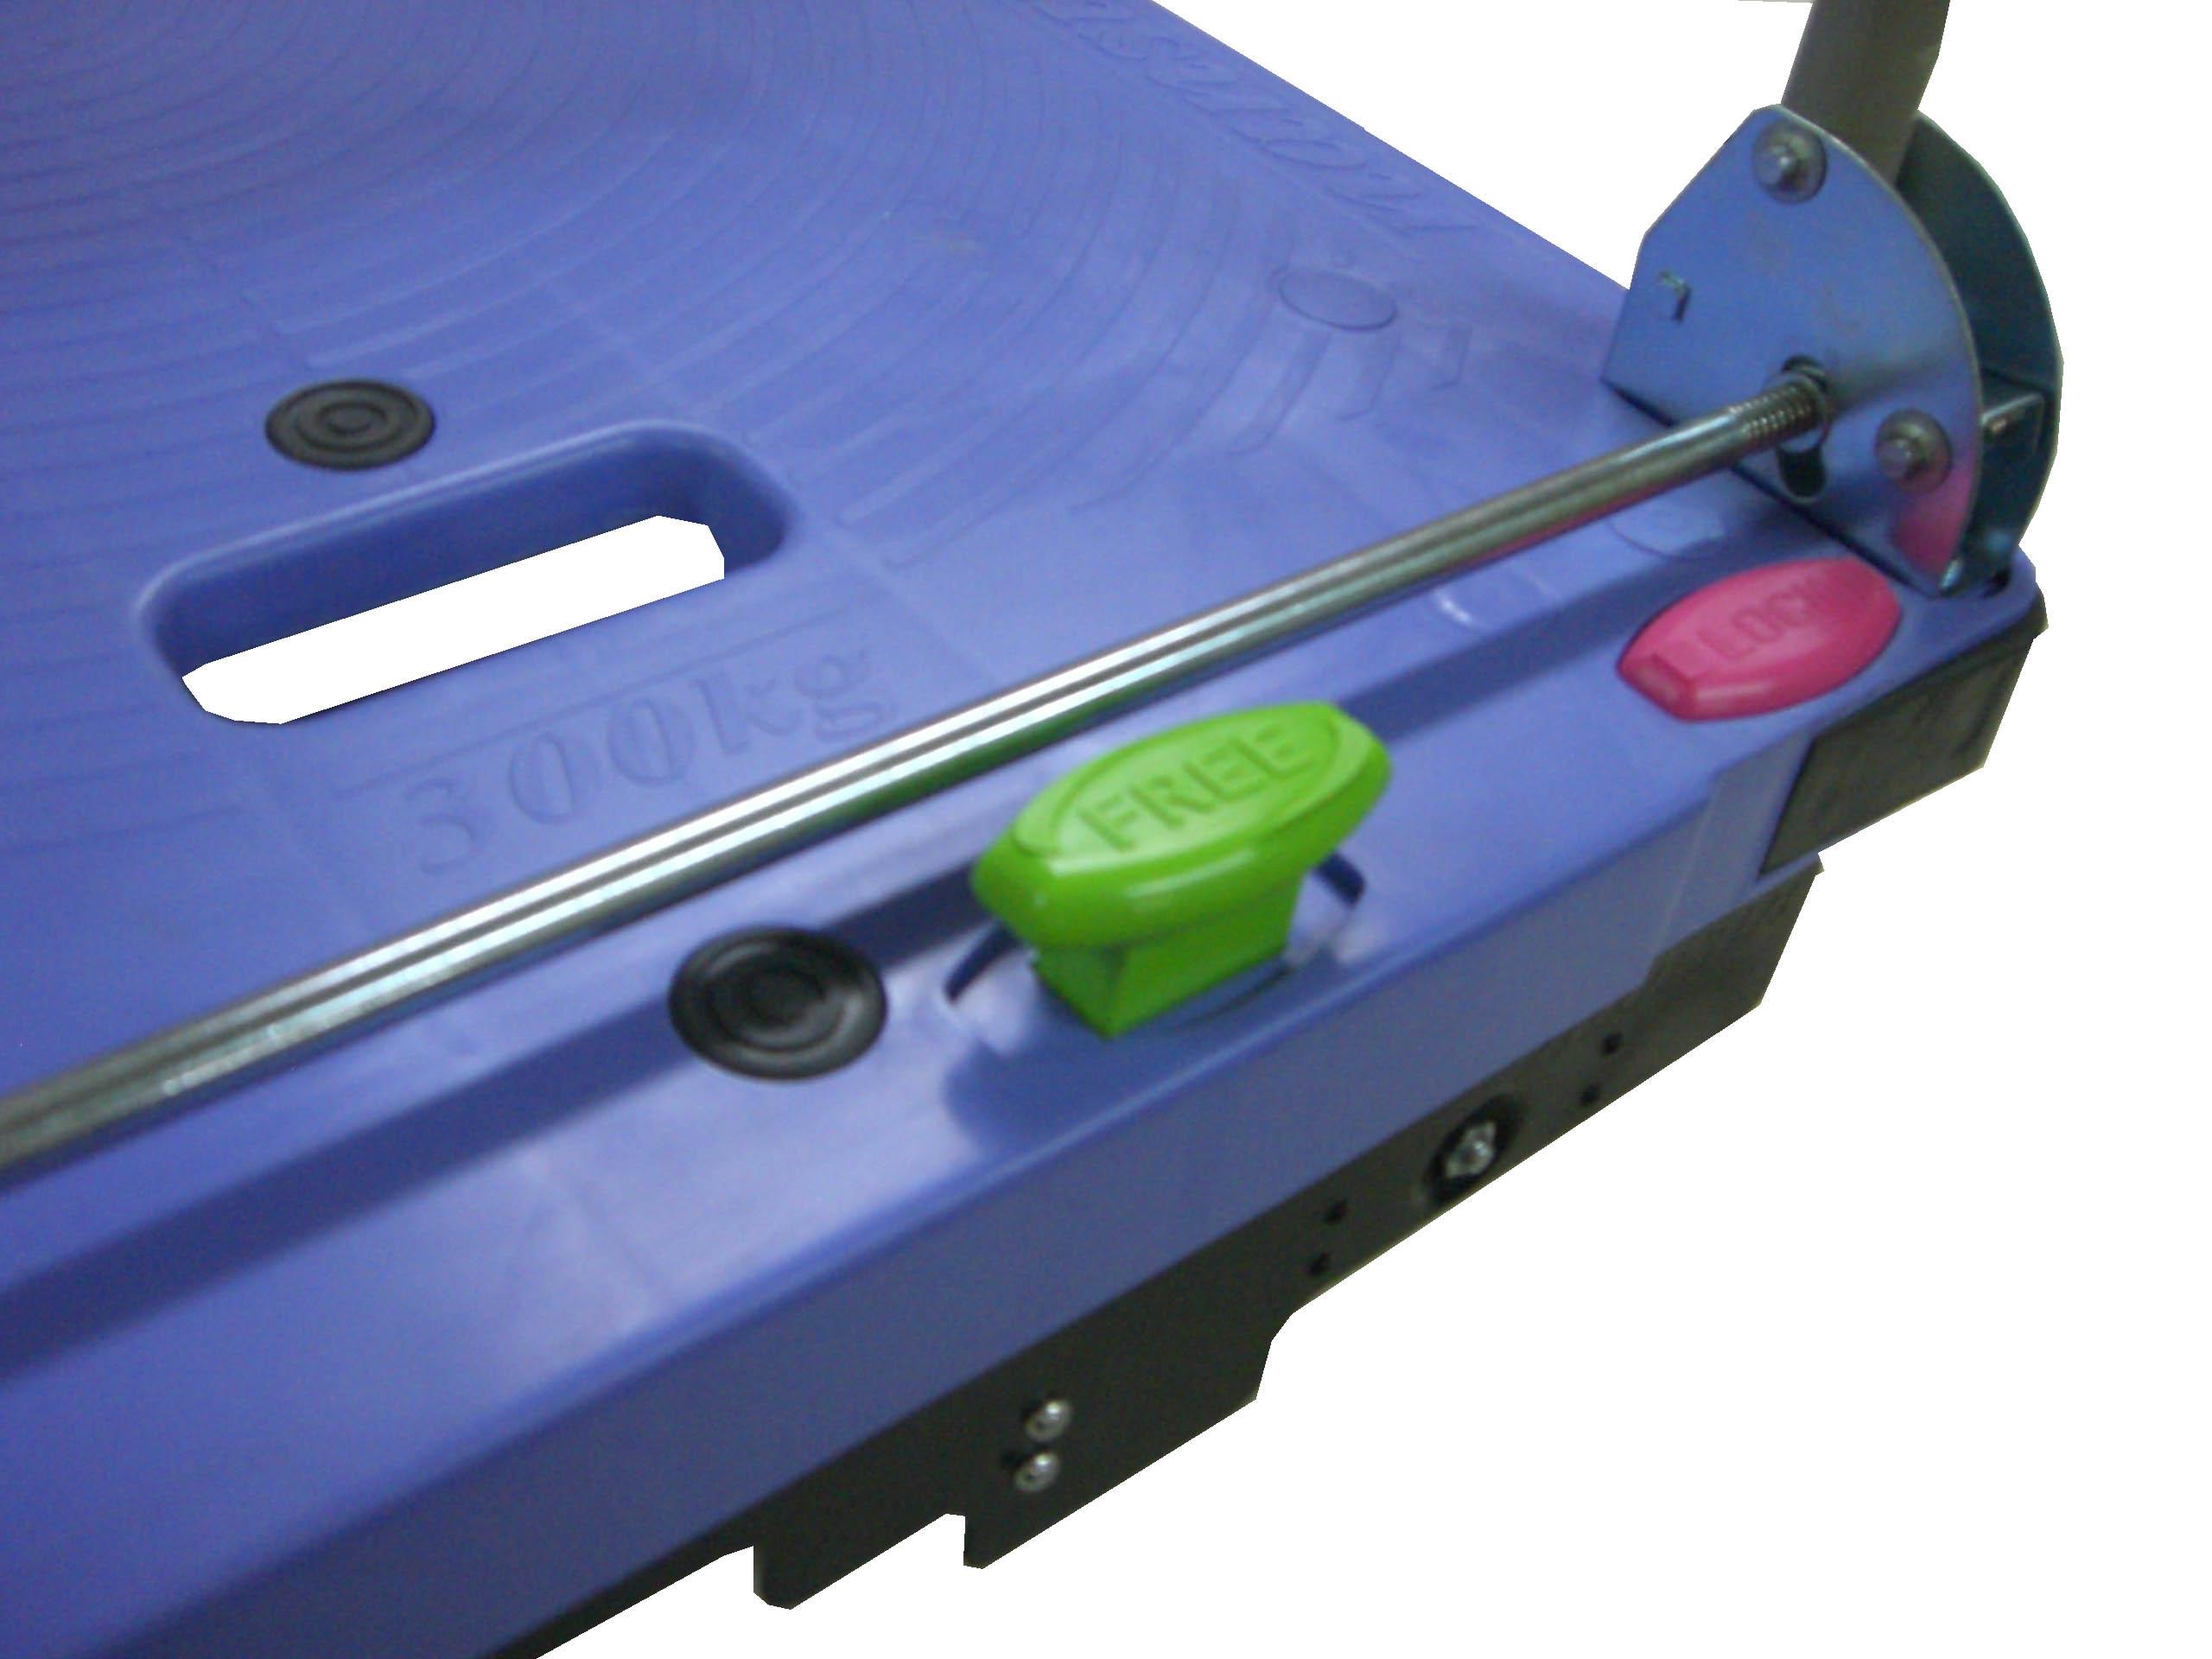 ナンシン サイレントマスター DSK-301B2 樹脂製ハンドル折りたたみ台車スペシャルブレーキ付